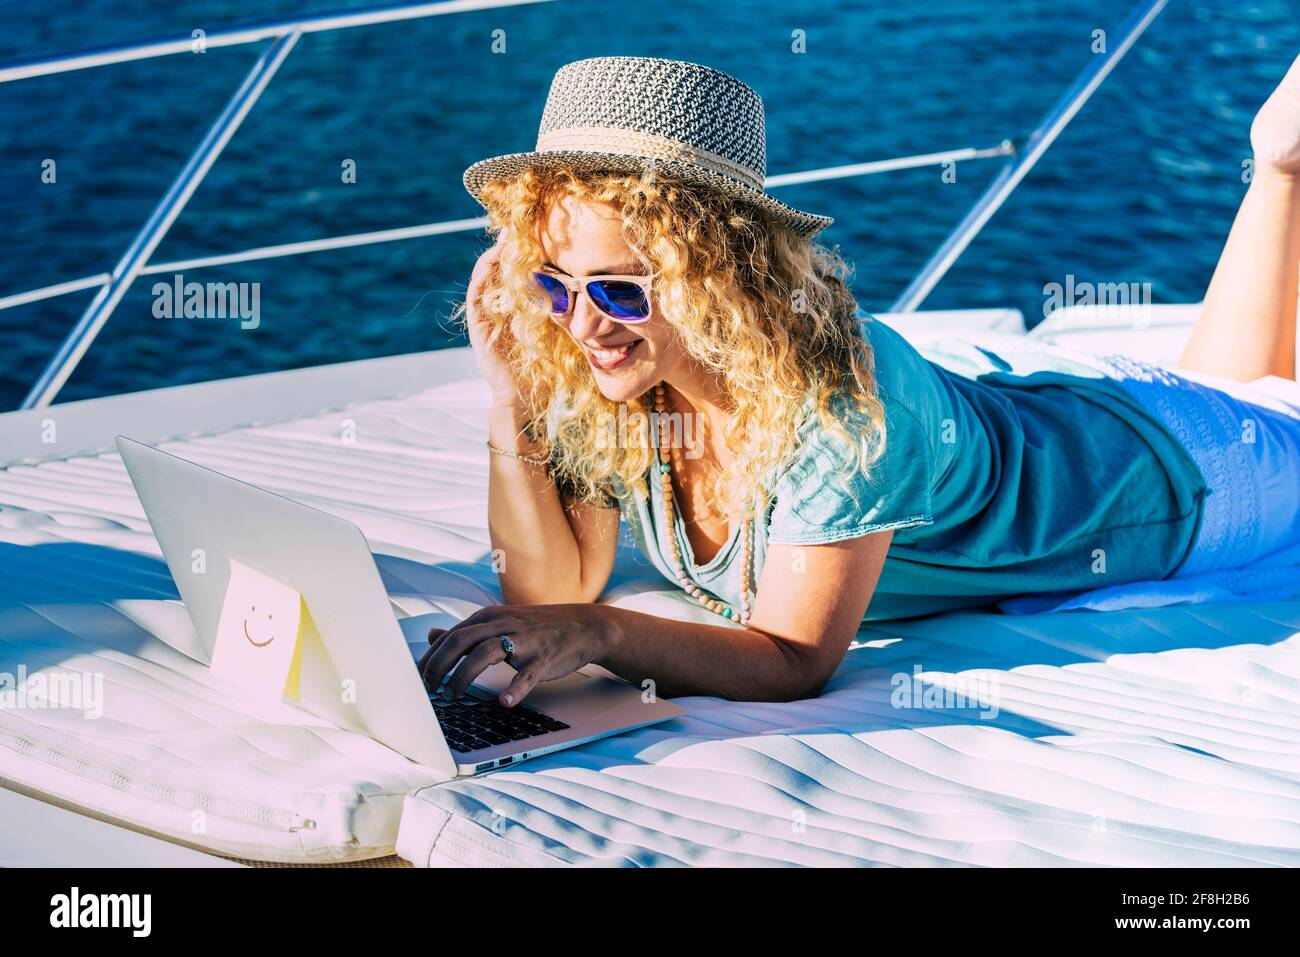 Une femme joyeuse travaille à l'extérieur avec un ordinateur portable un bateau bénéficiant de la liberté et de la connexion internet - concept de personnel et mode de travail intelligent Banque D'Images